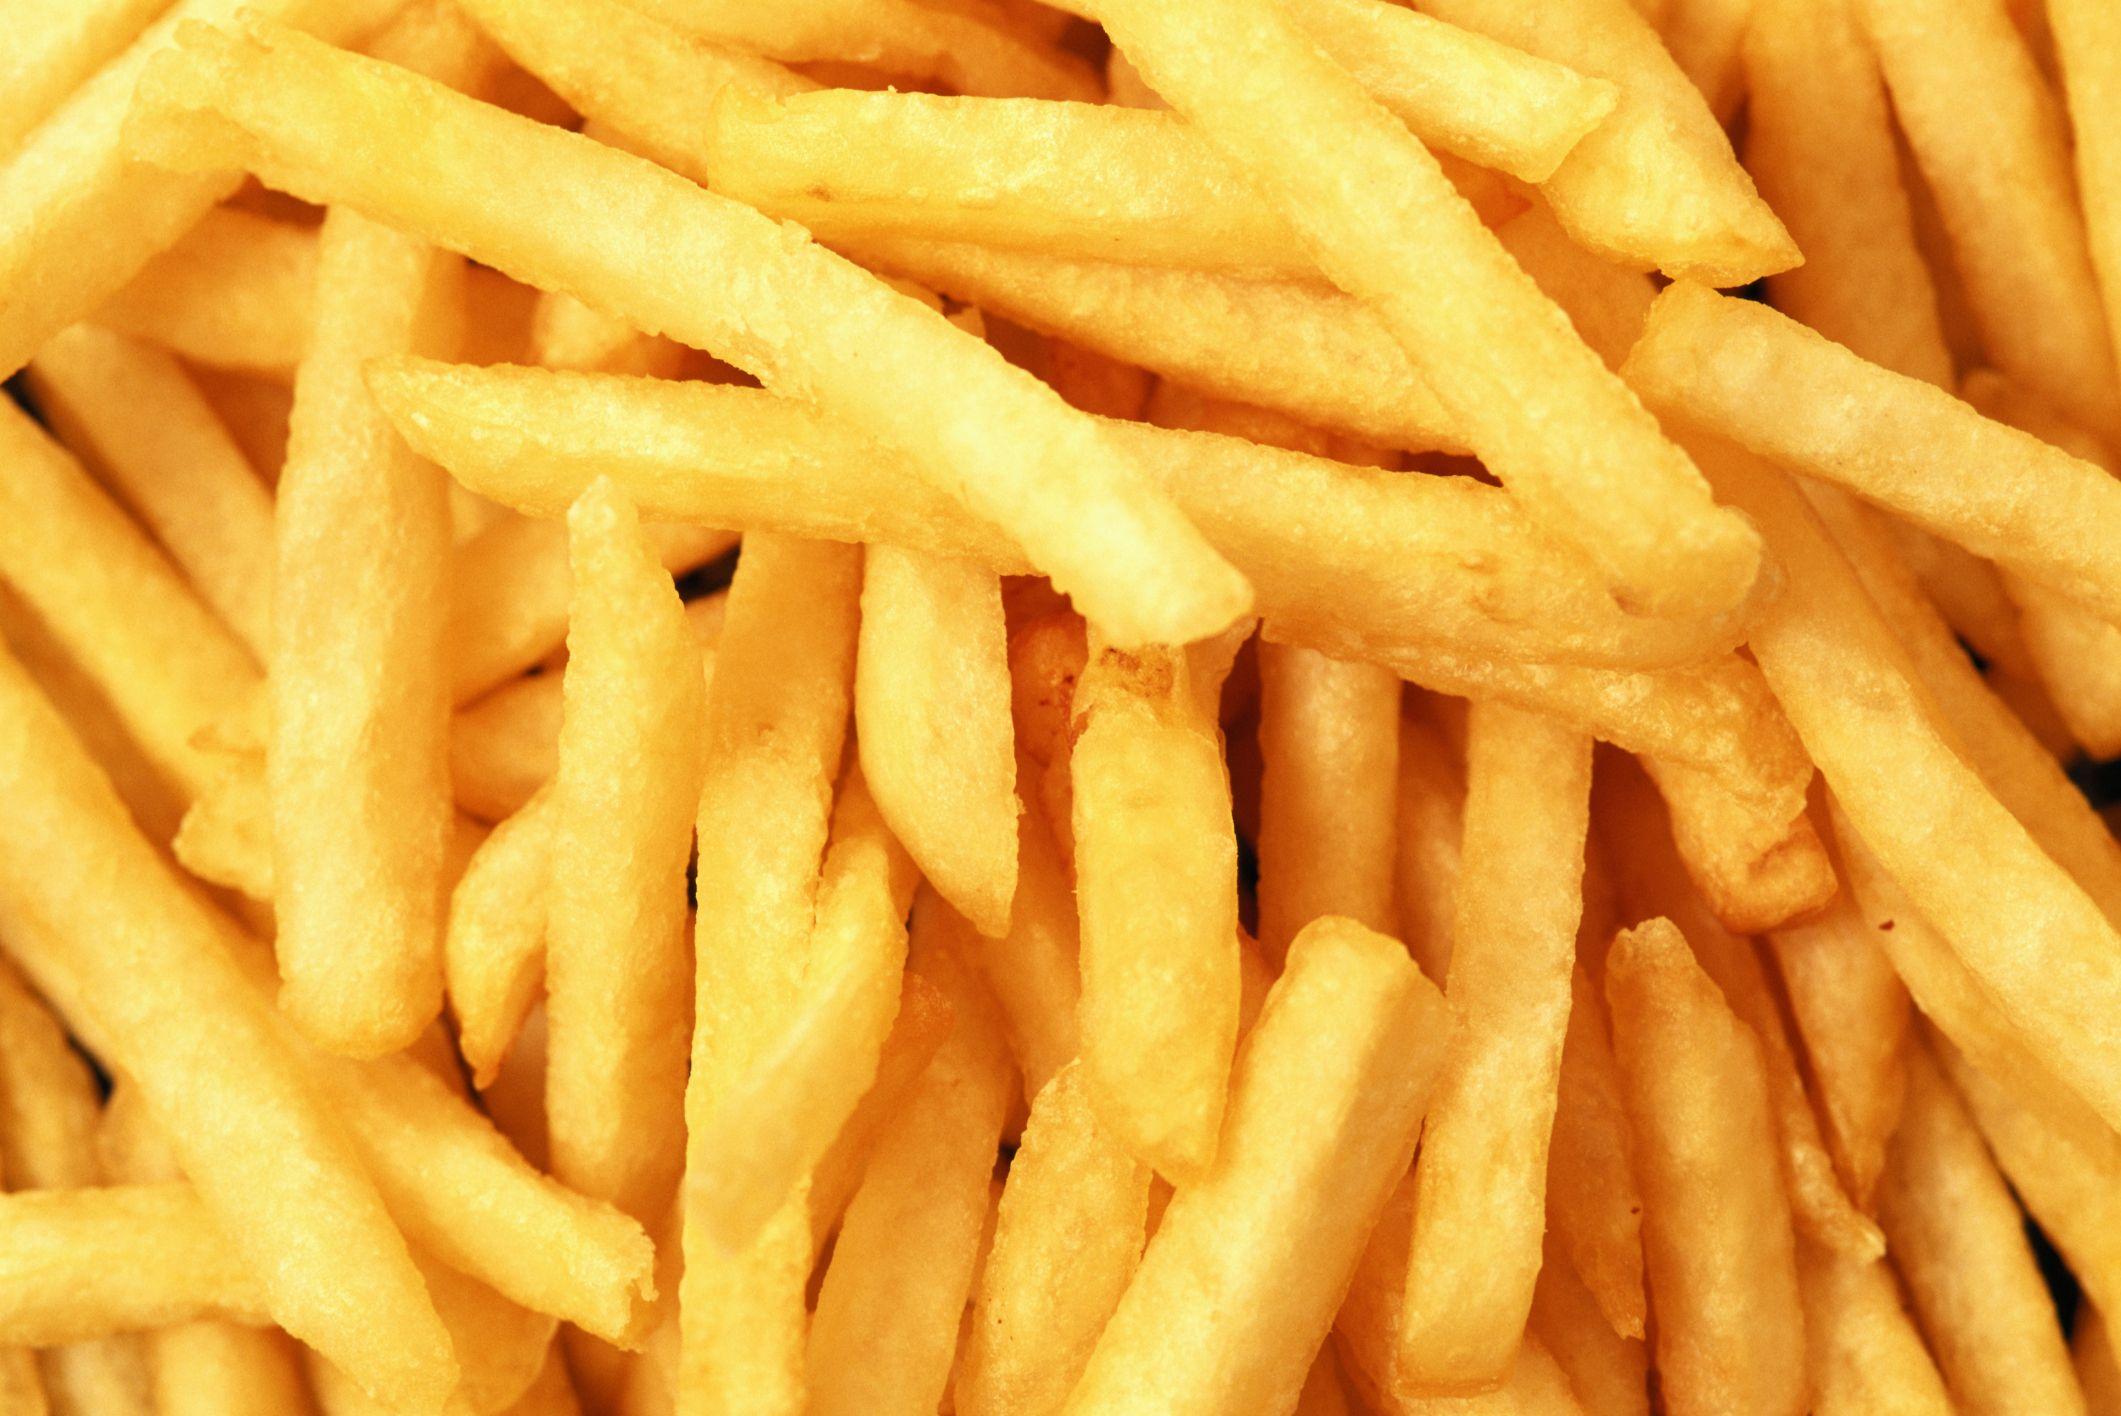 Perchè non riesci a smettere di mangiare le patatine fritte